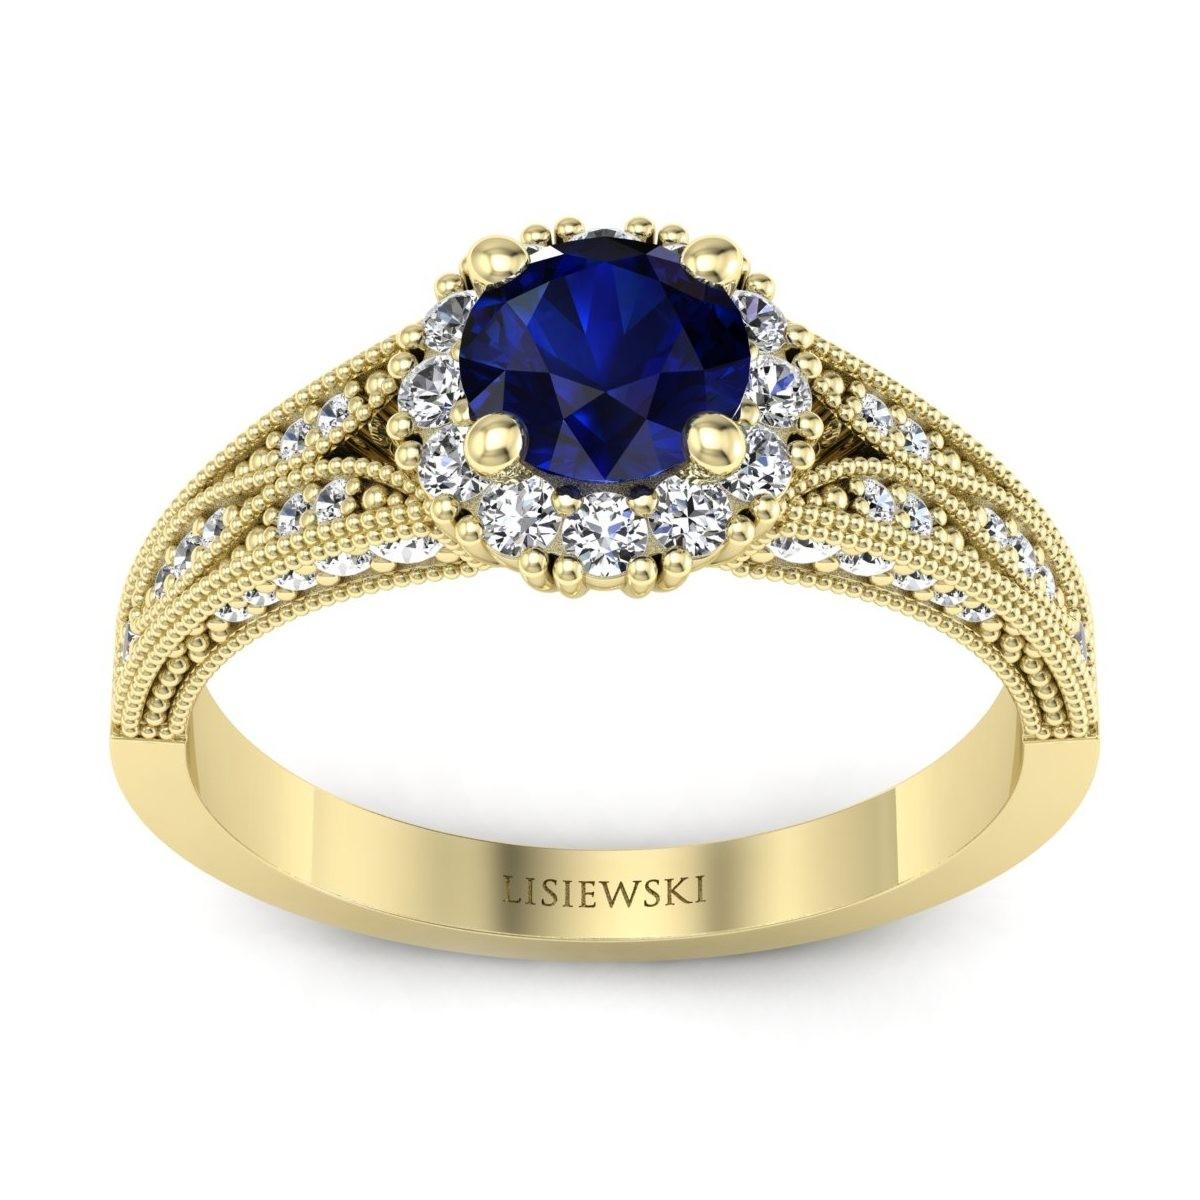 Eve - Złoty pierścionek z szafirem i diamentami